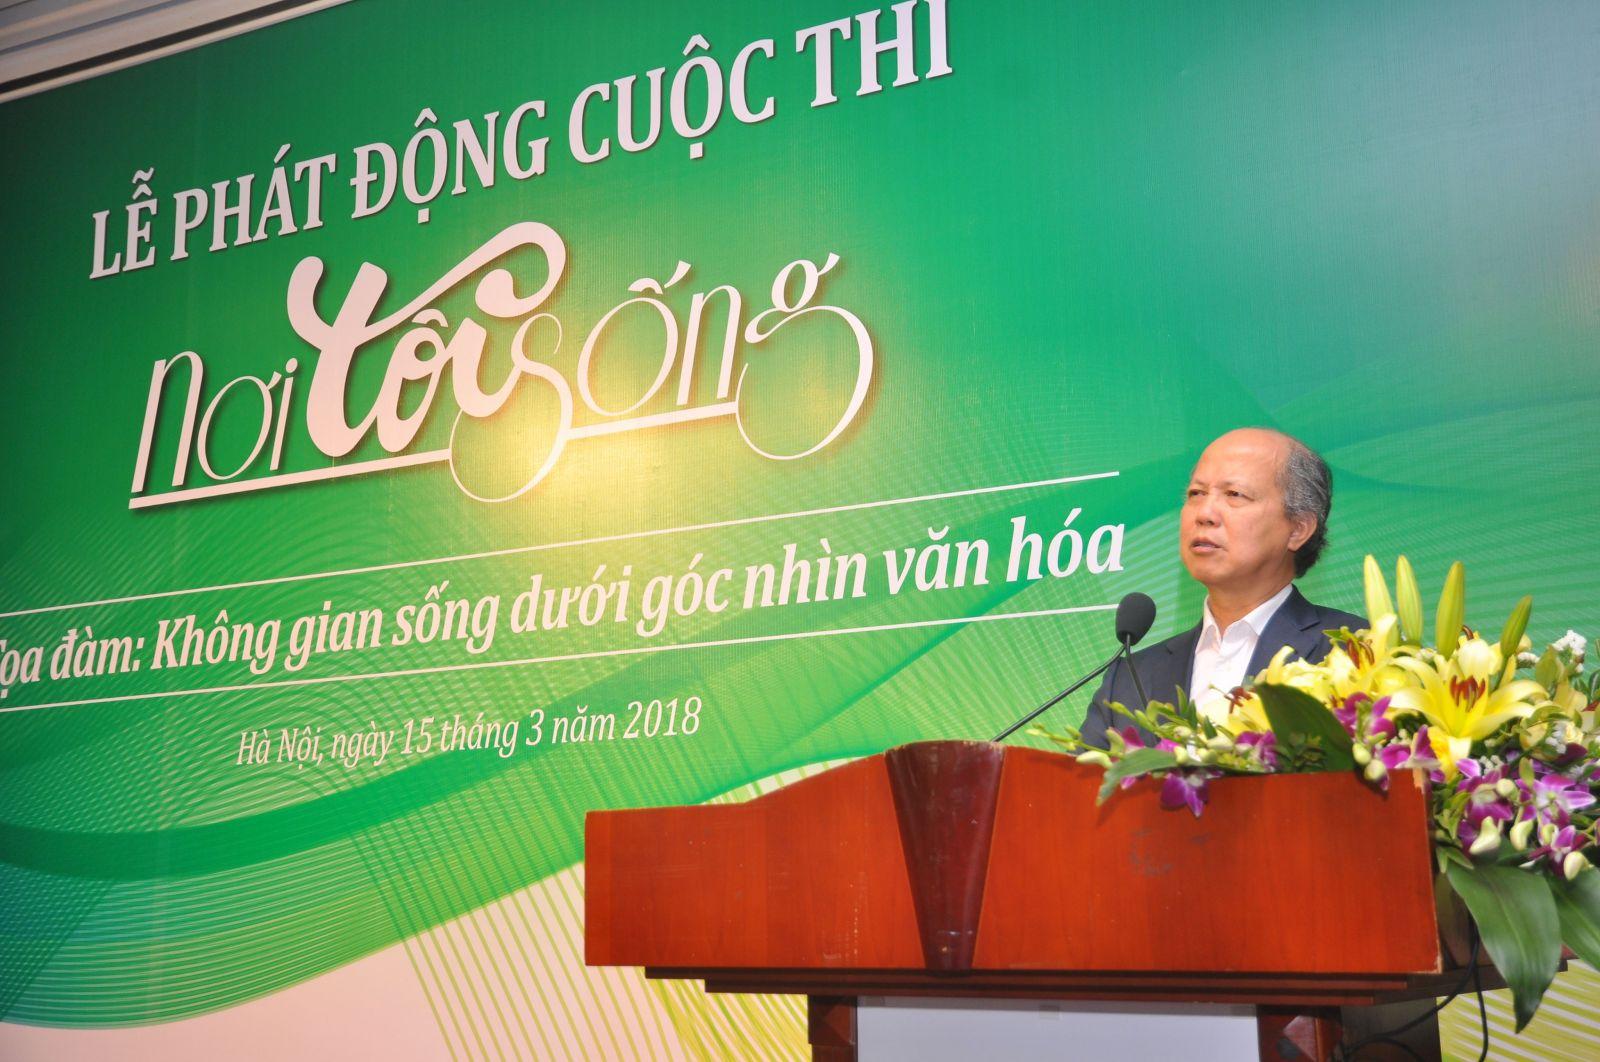 Chủ tịch Hiệp hội Bất động sản Việt Nam Nguyễn Trần Nam